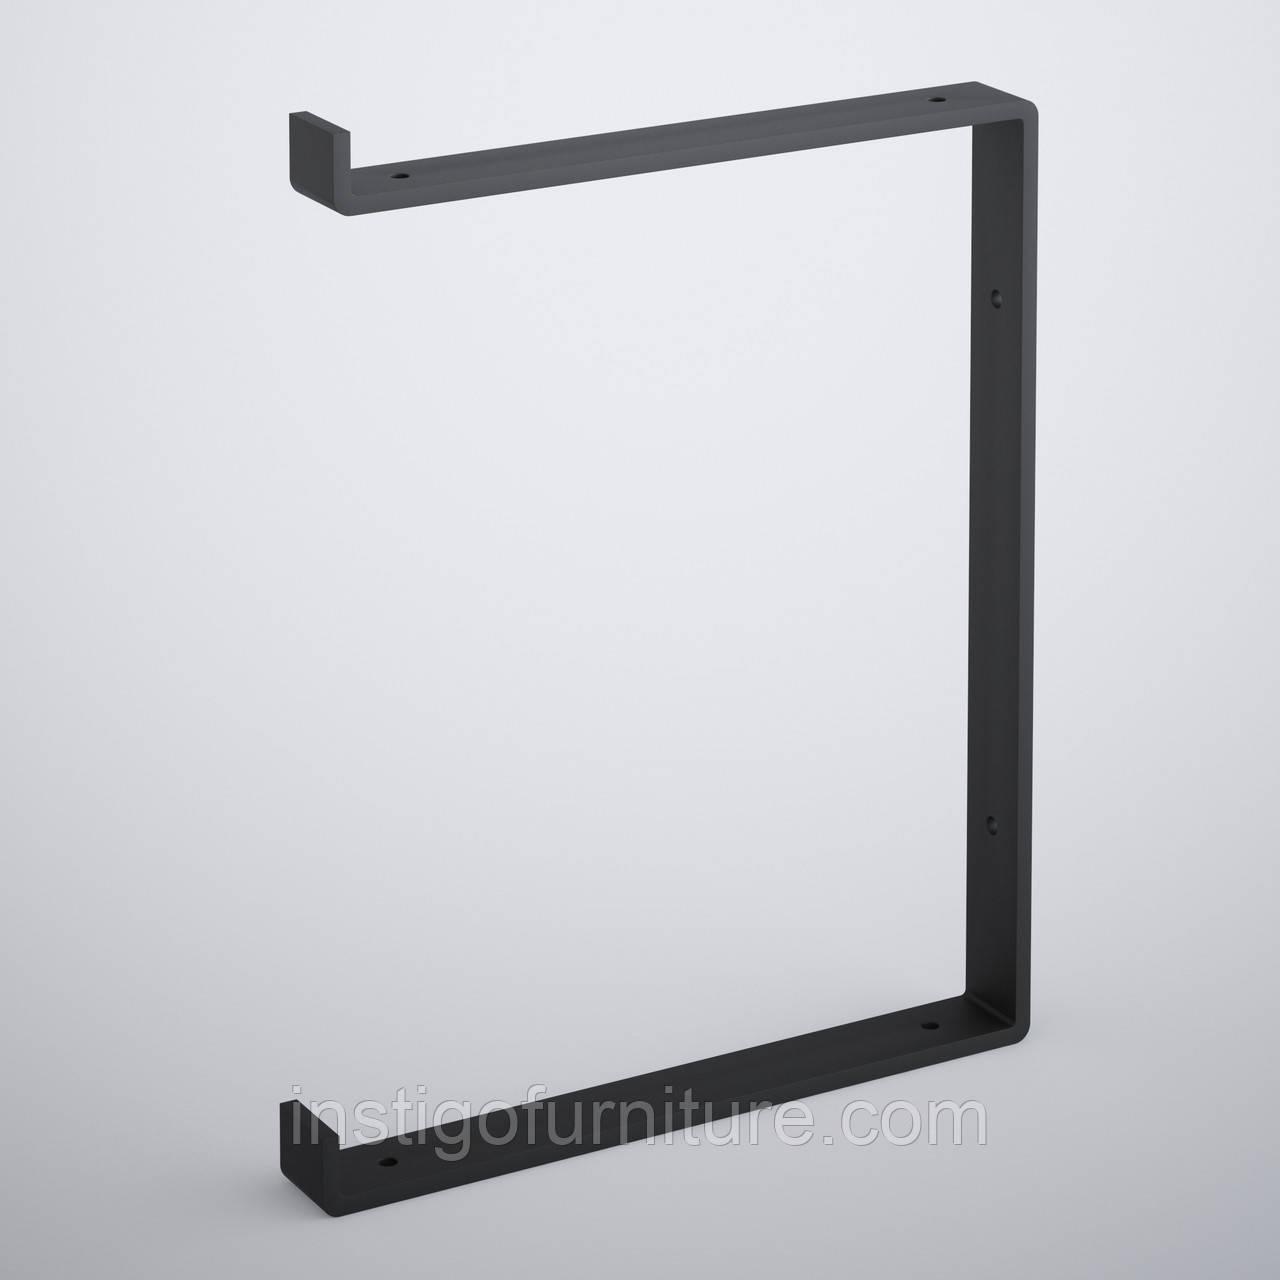 Кронштейн для полки из металла 262×30mm, H=340mm